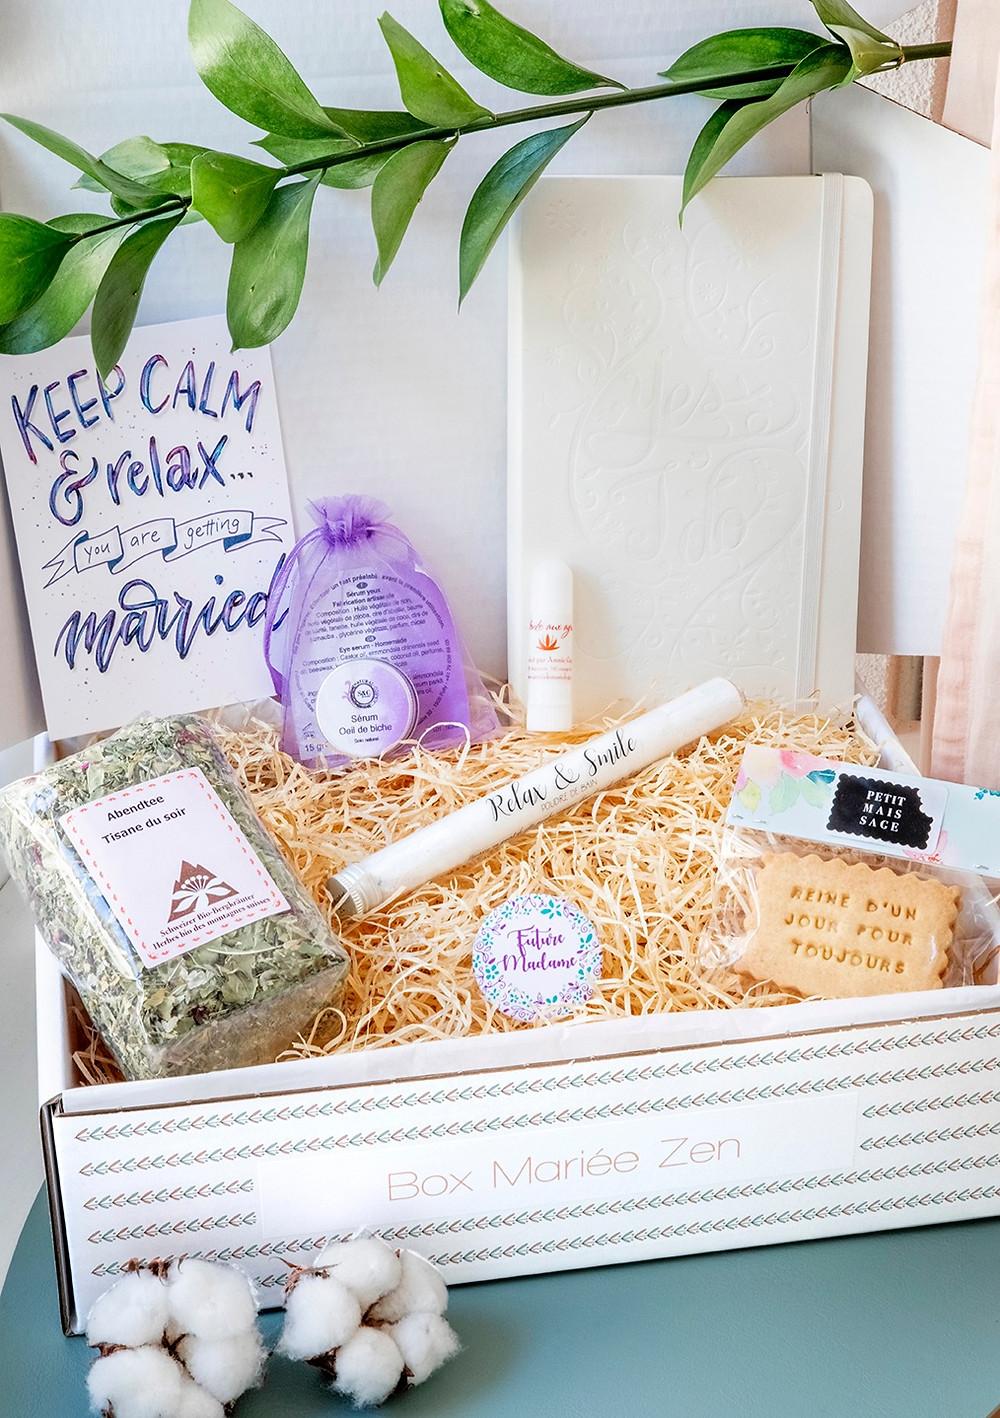 Box Mariée Zen créée par My Wedding Box Suisse (www.myweddingbox.ch) Cadeau Future Mariée. Cadeau mariage original. Cadeau artisanal et local.